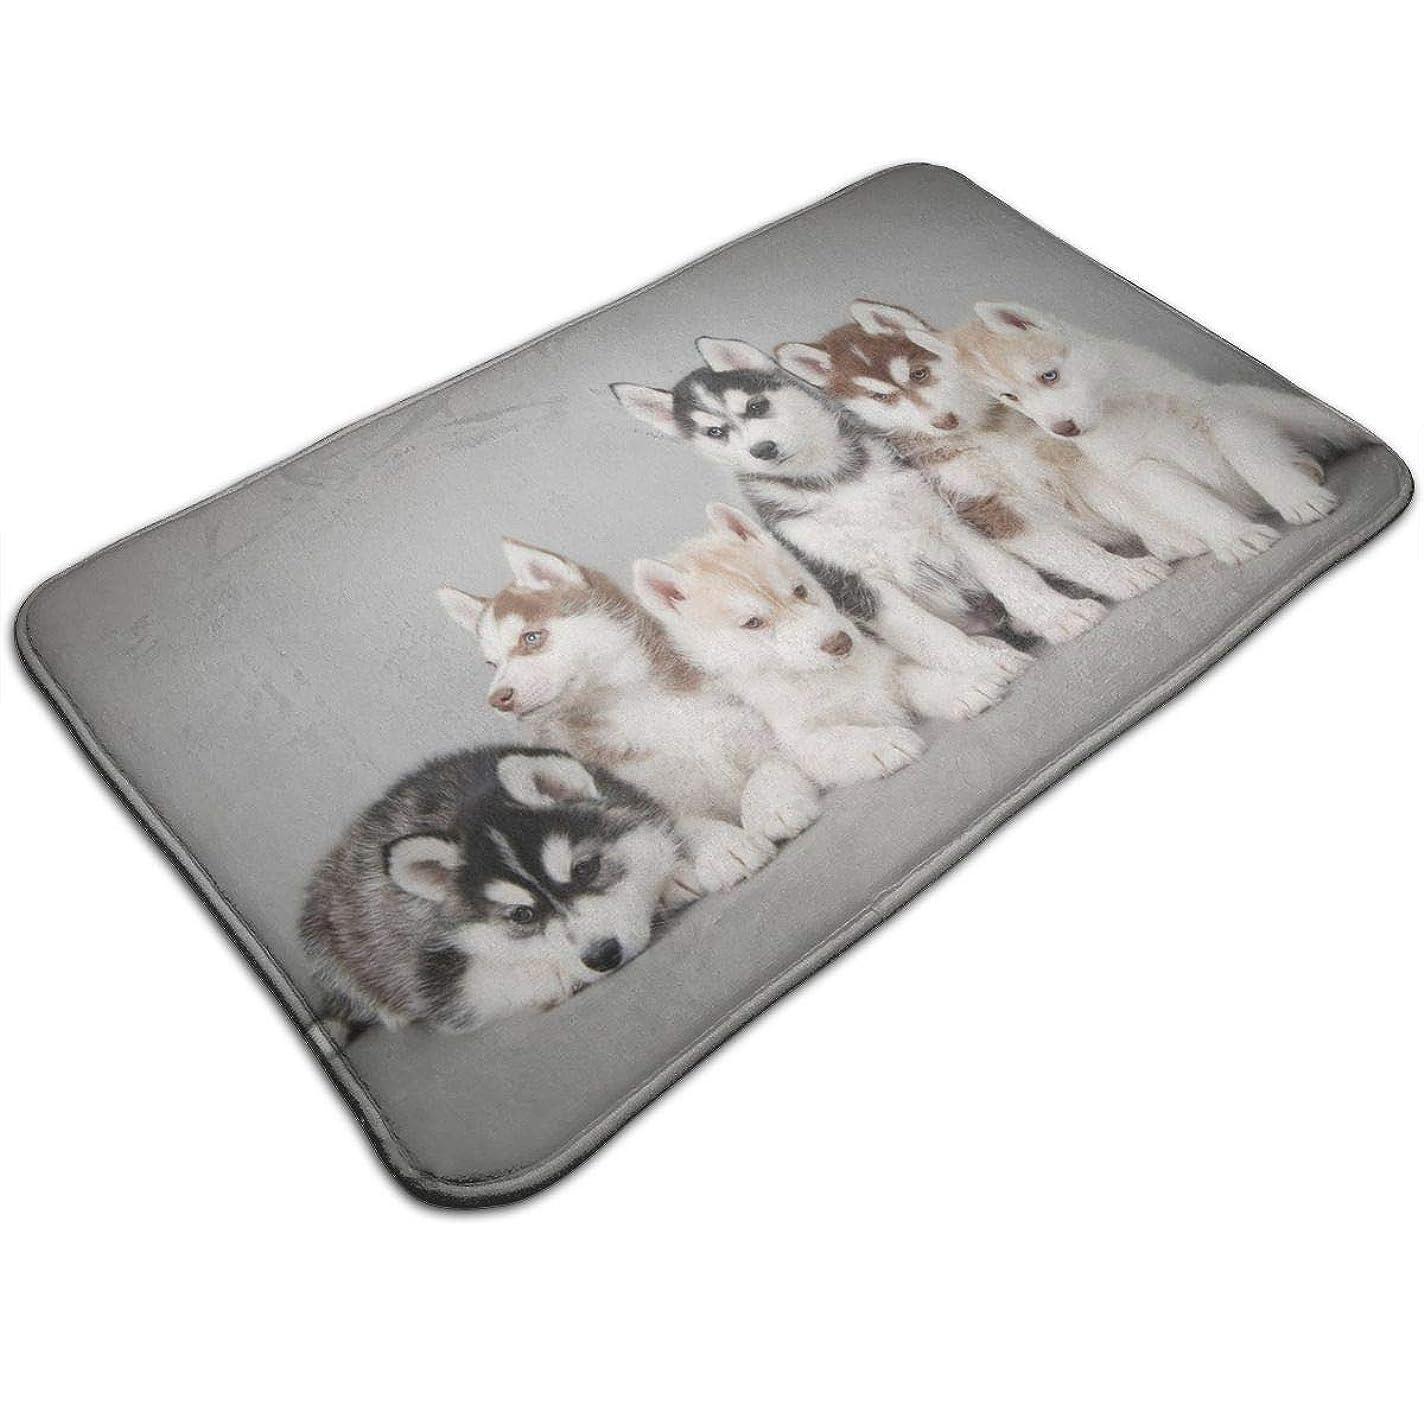 理容室錫摩擦Absorben Anti-Skid Toilet Shower Mat Indoor/Outdoor/Frontdoor/Home Decor Perfect for Bedroom/Livingroom/Kitchen/Patio Vintage Wooden Door Dogs Husky